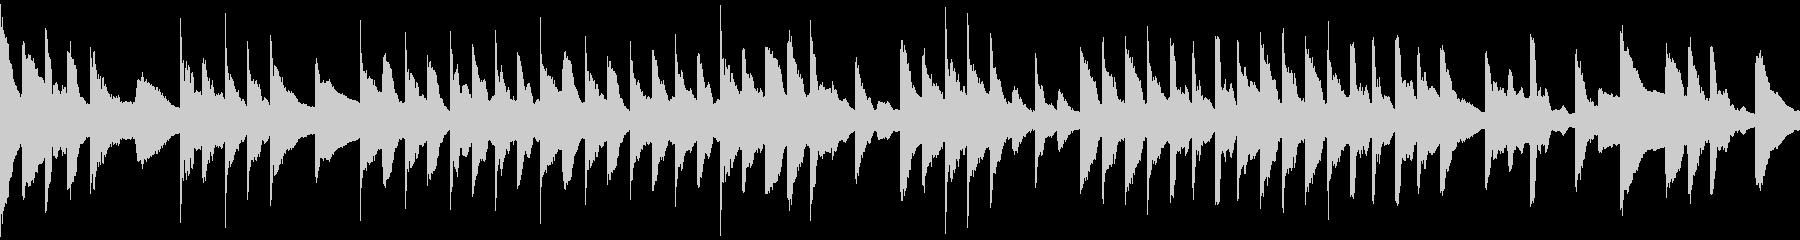 スローテンポでミステリアスなピアノ曲の未再生の波形